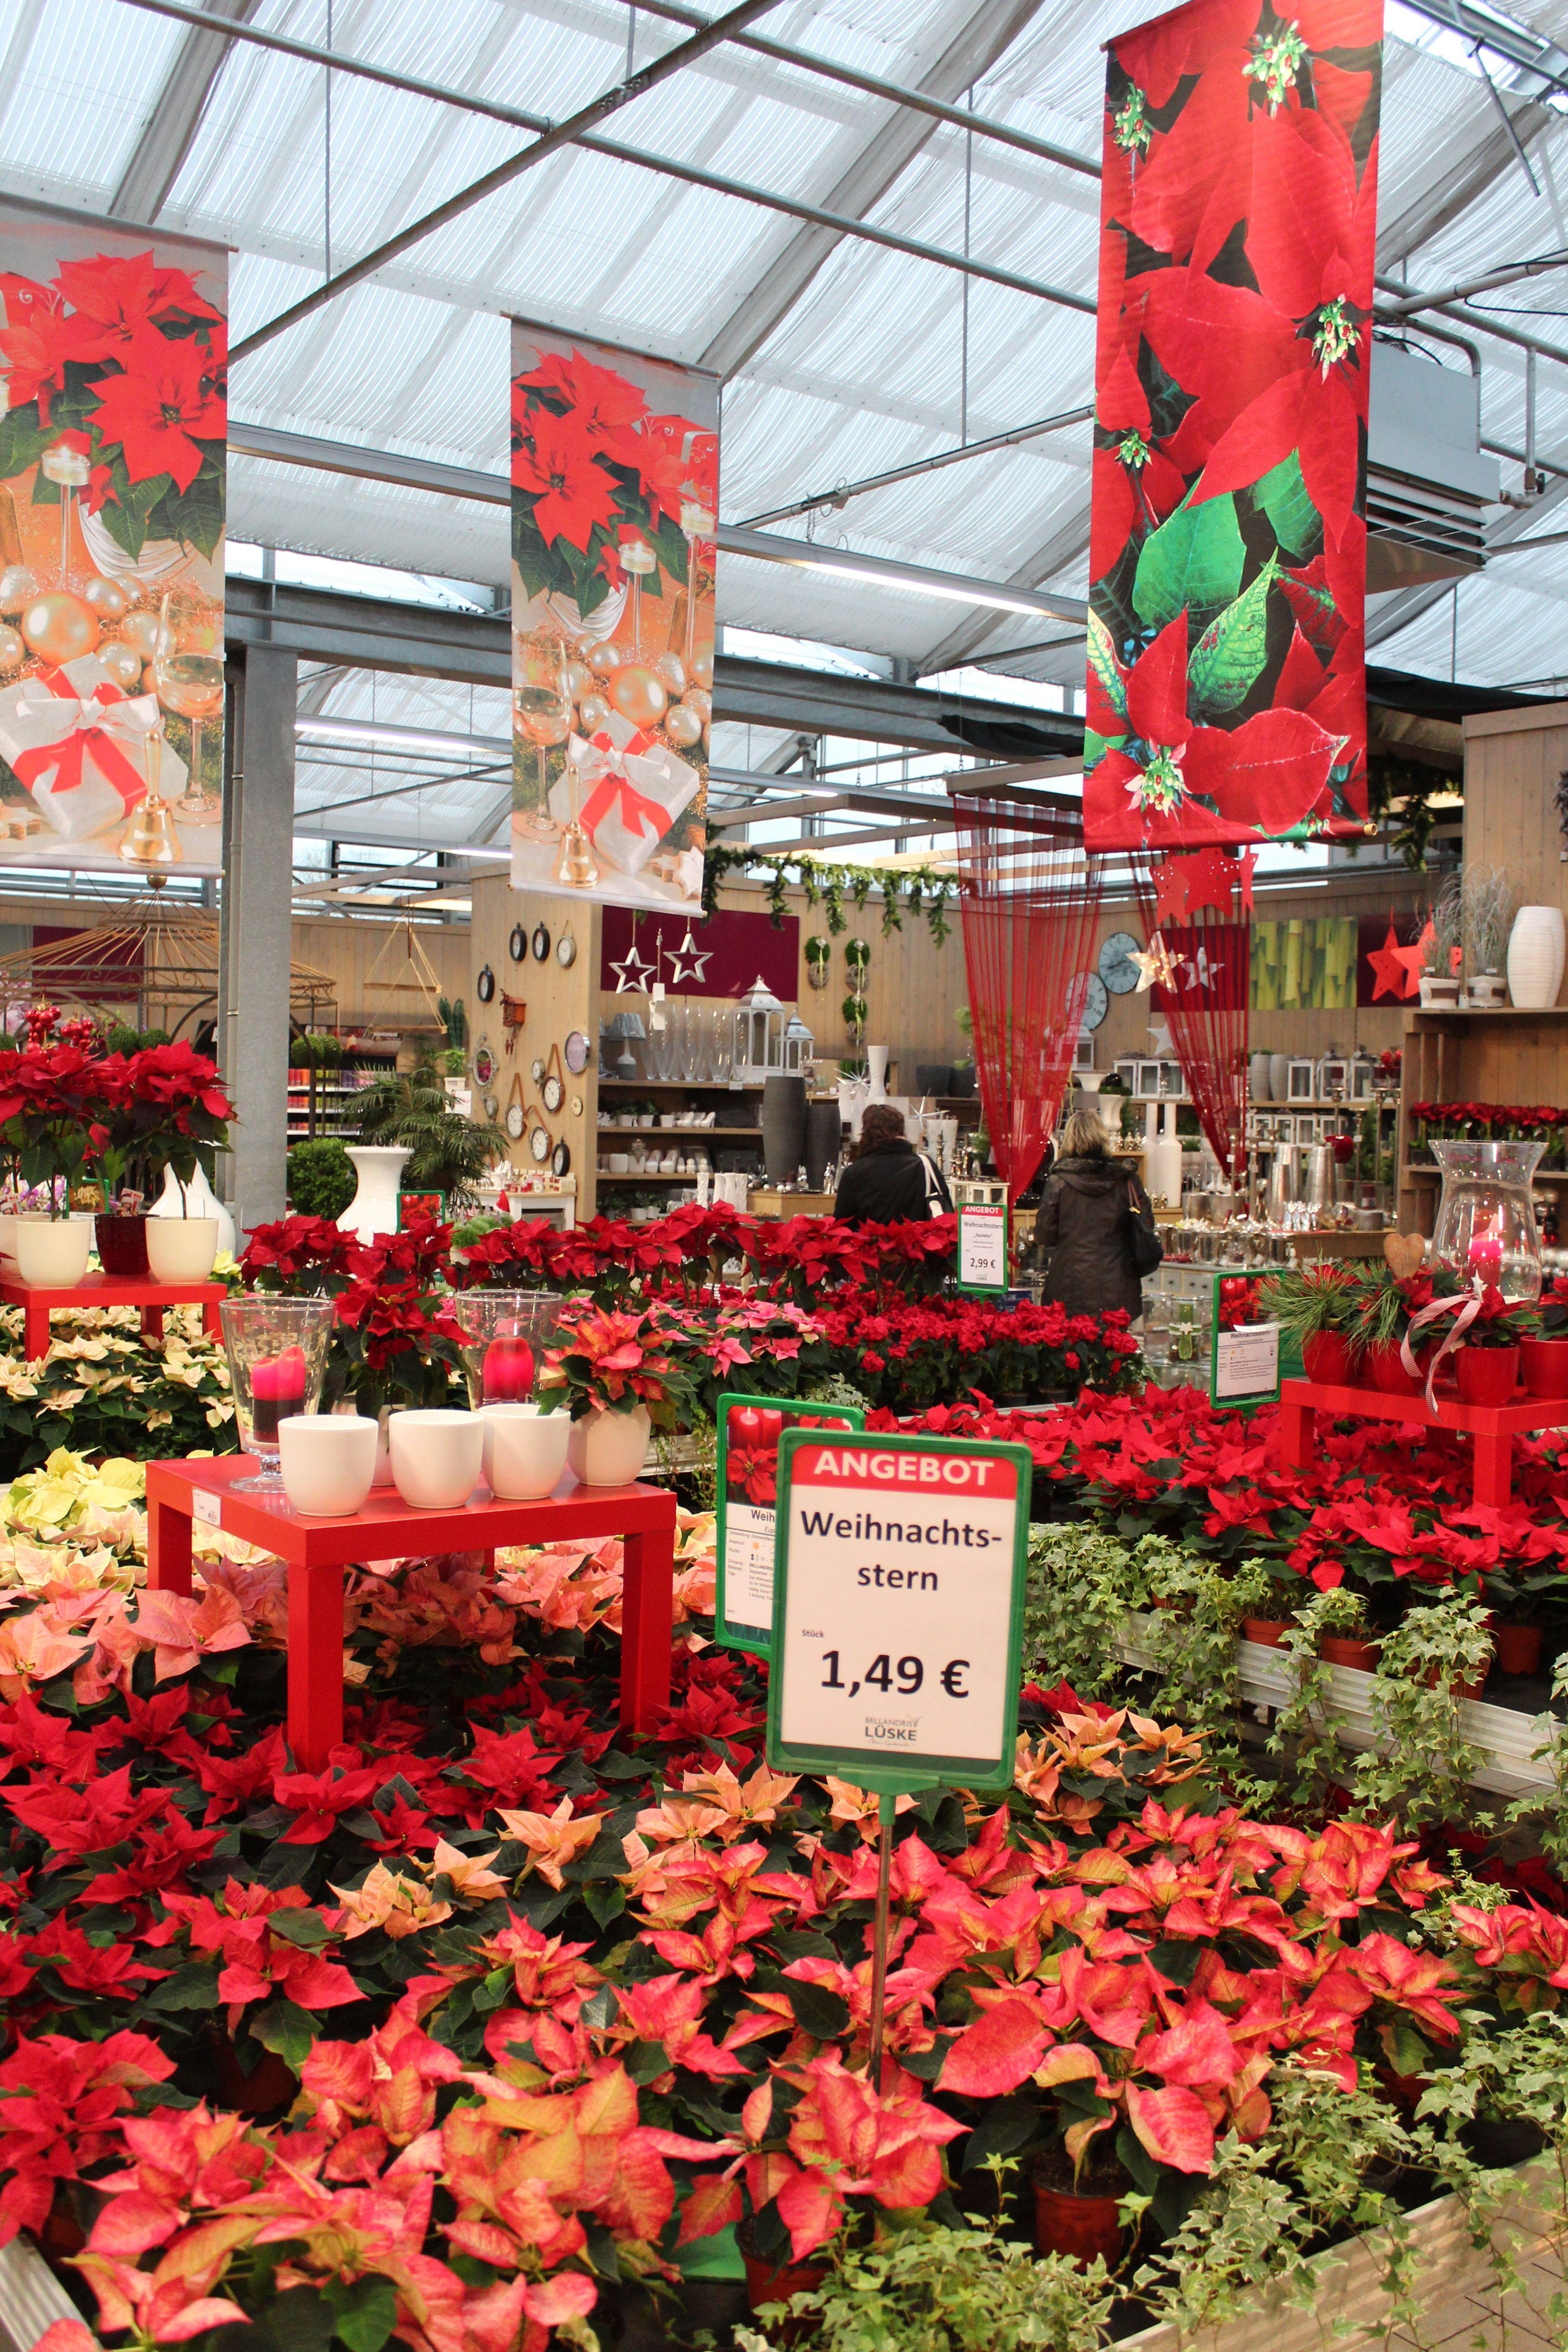 Photo Credits Oliver Mathys Garden Center Displays Flower